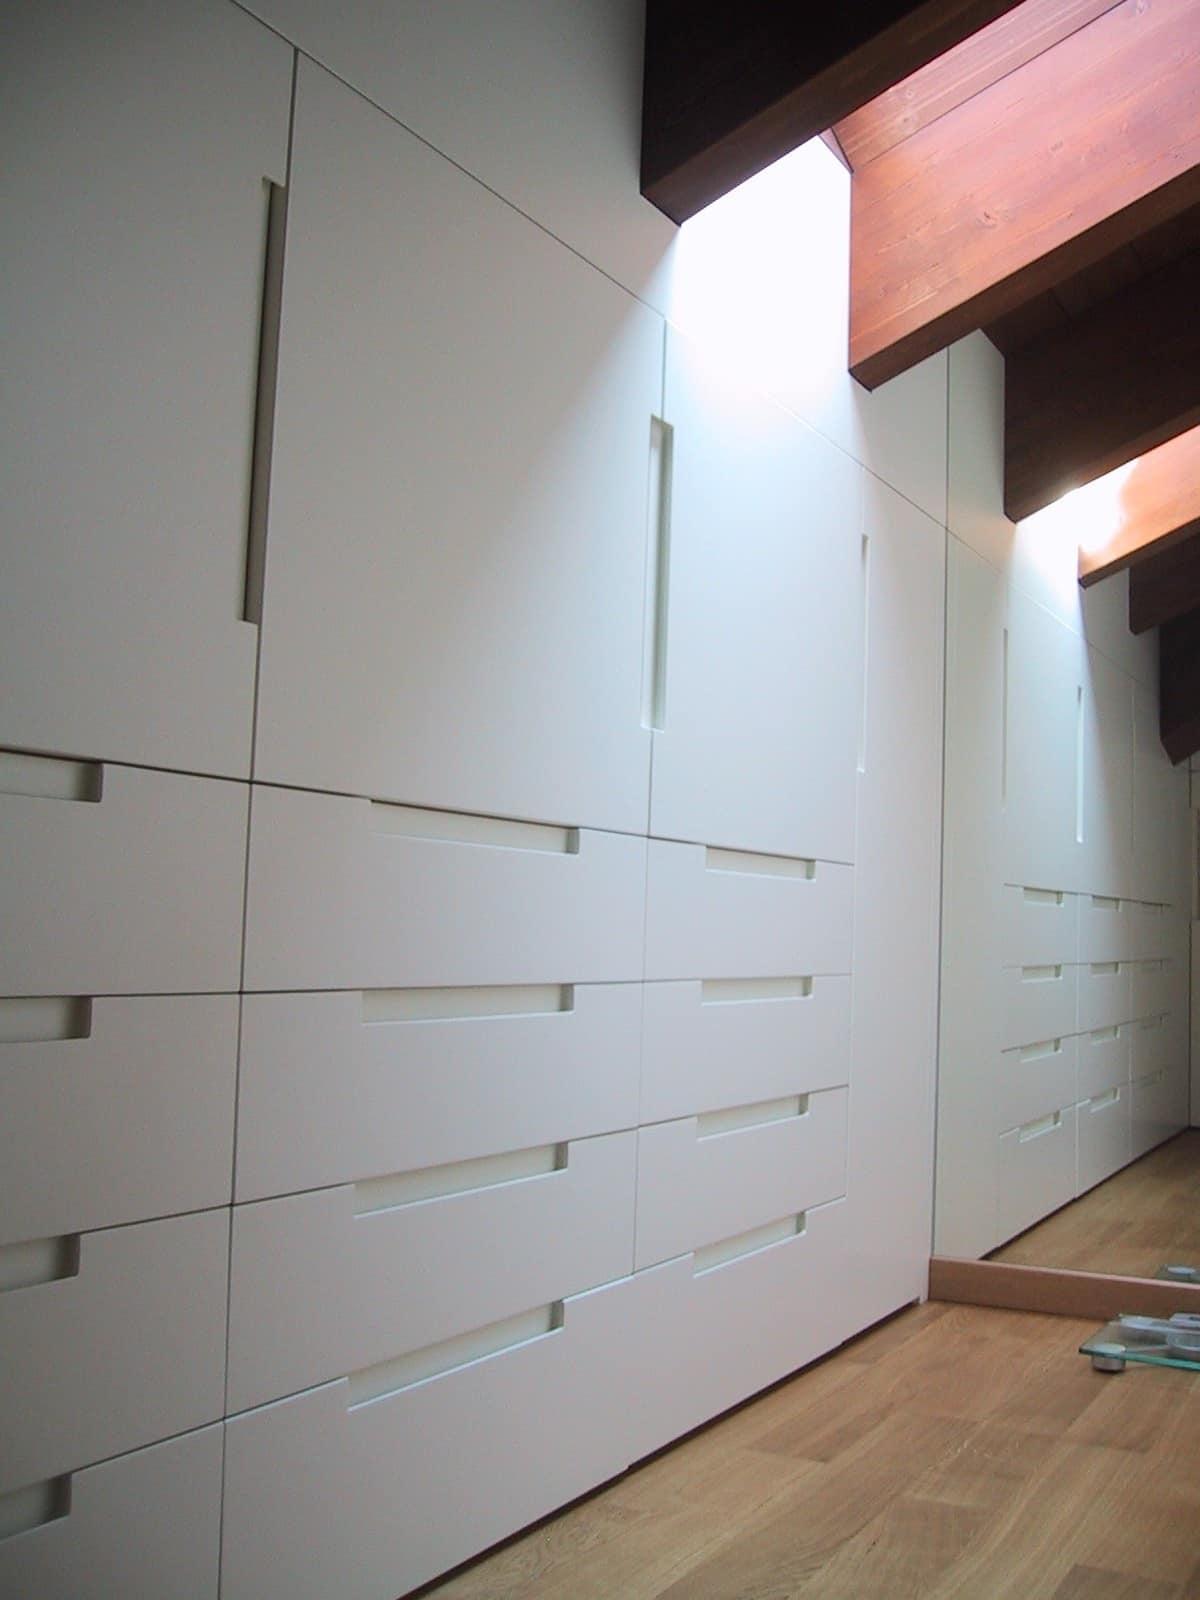 Idfdesign furniture chairs tables cabinets for Armadi guardaroba mondo convenienza